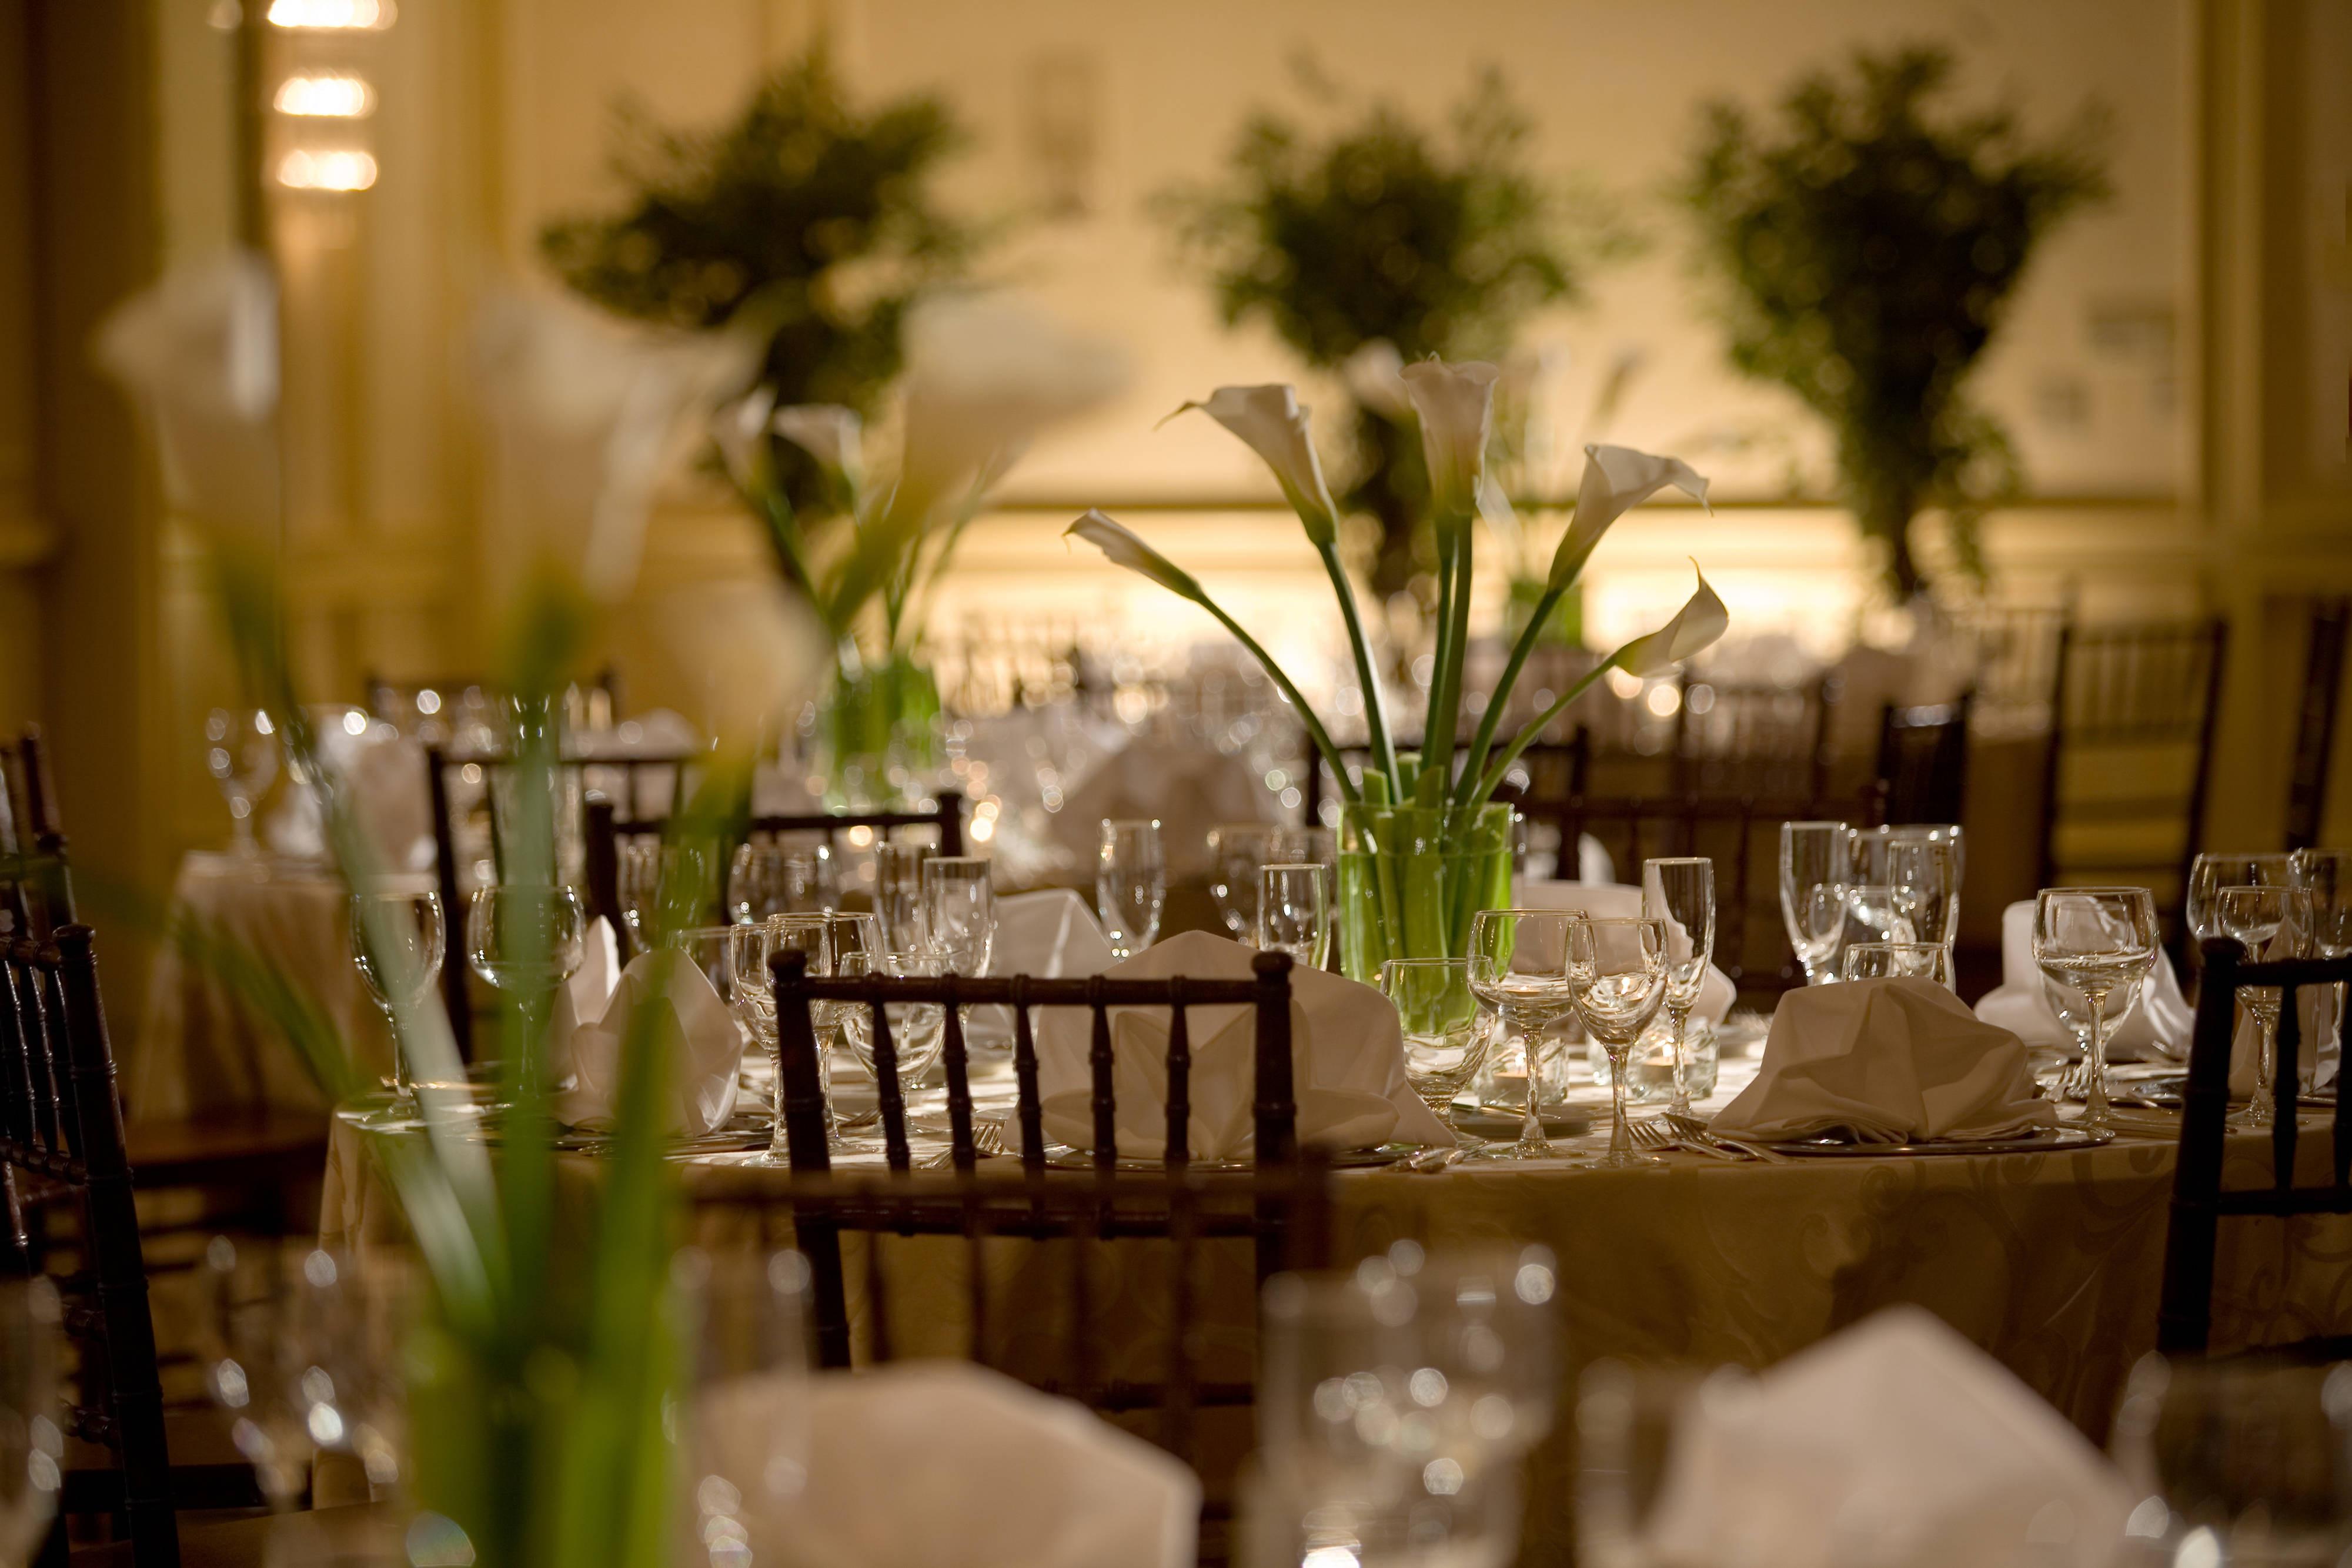 Wedding reception venues Northern Virginia